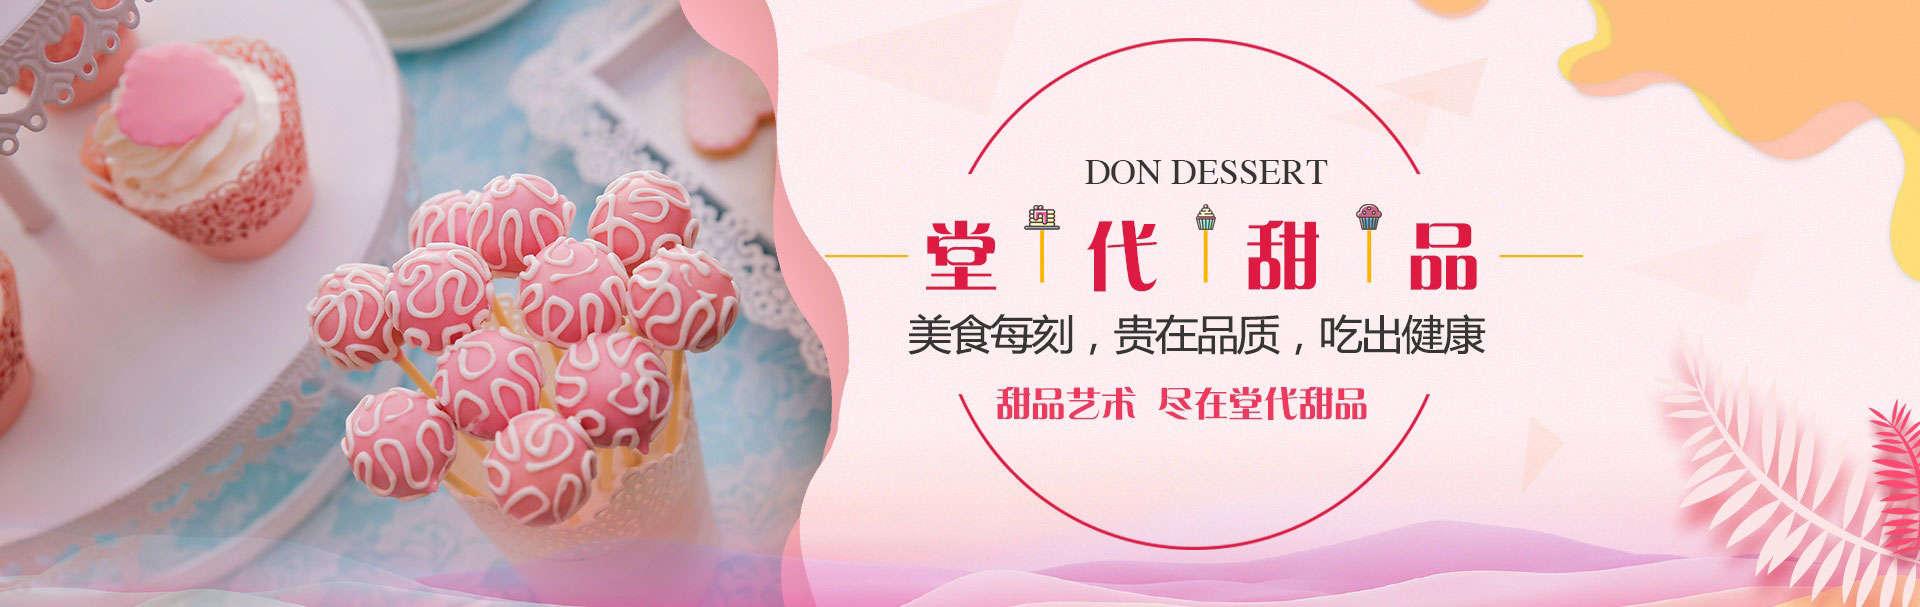 堂代甜品创业项目_昌启餐饮甜品加盟